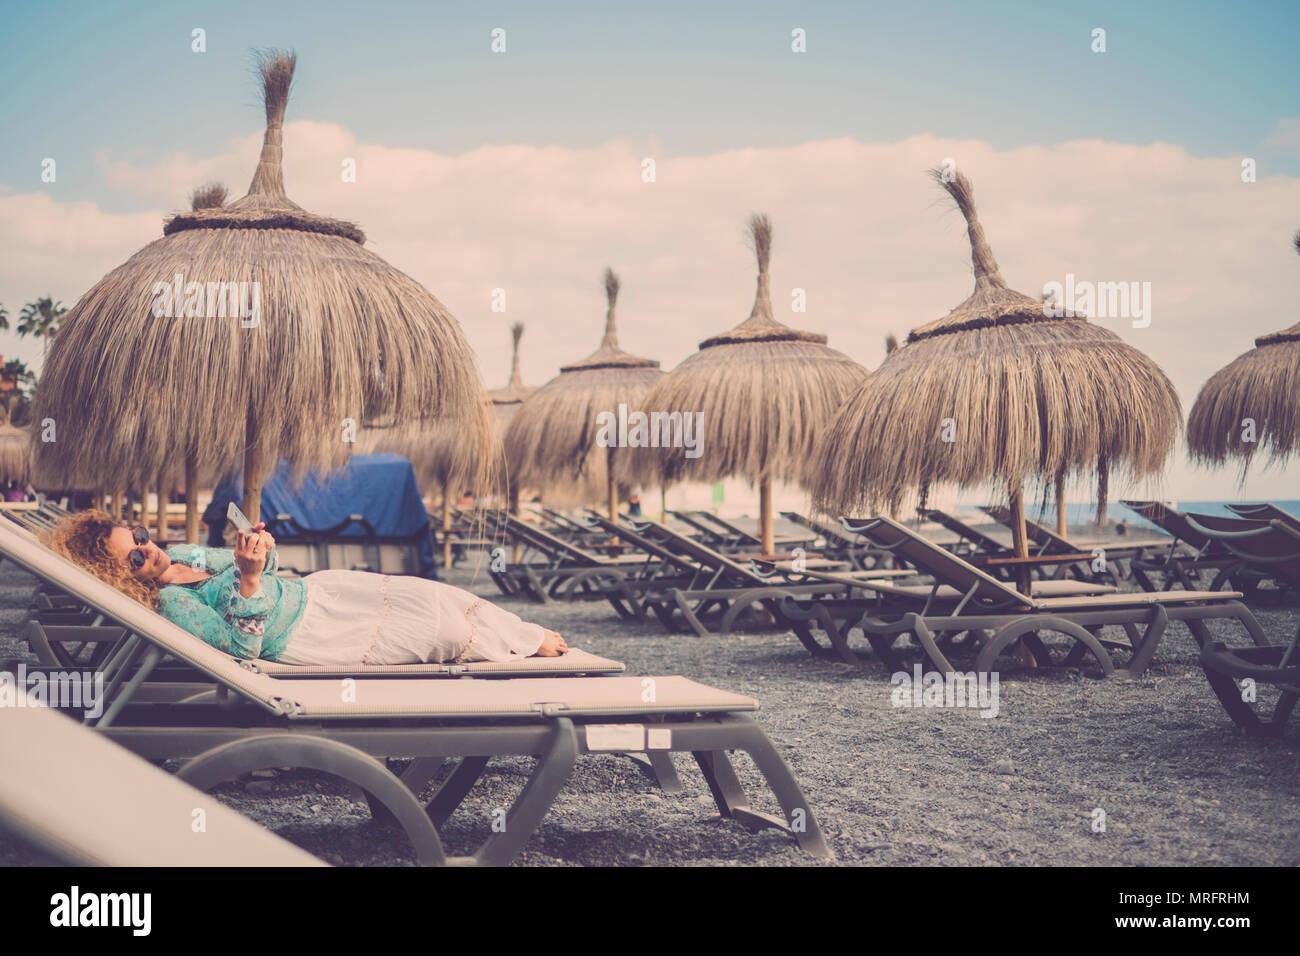 Bella femmina caucasica medioevo stabiliscono sulle sedi presso la spiaggia con ombrelloni tropicali. viaggi e vacanze resto concetto. rimani connesso wit Immagini Stock